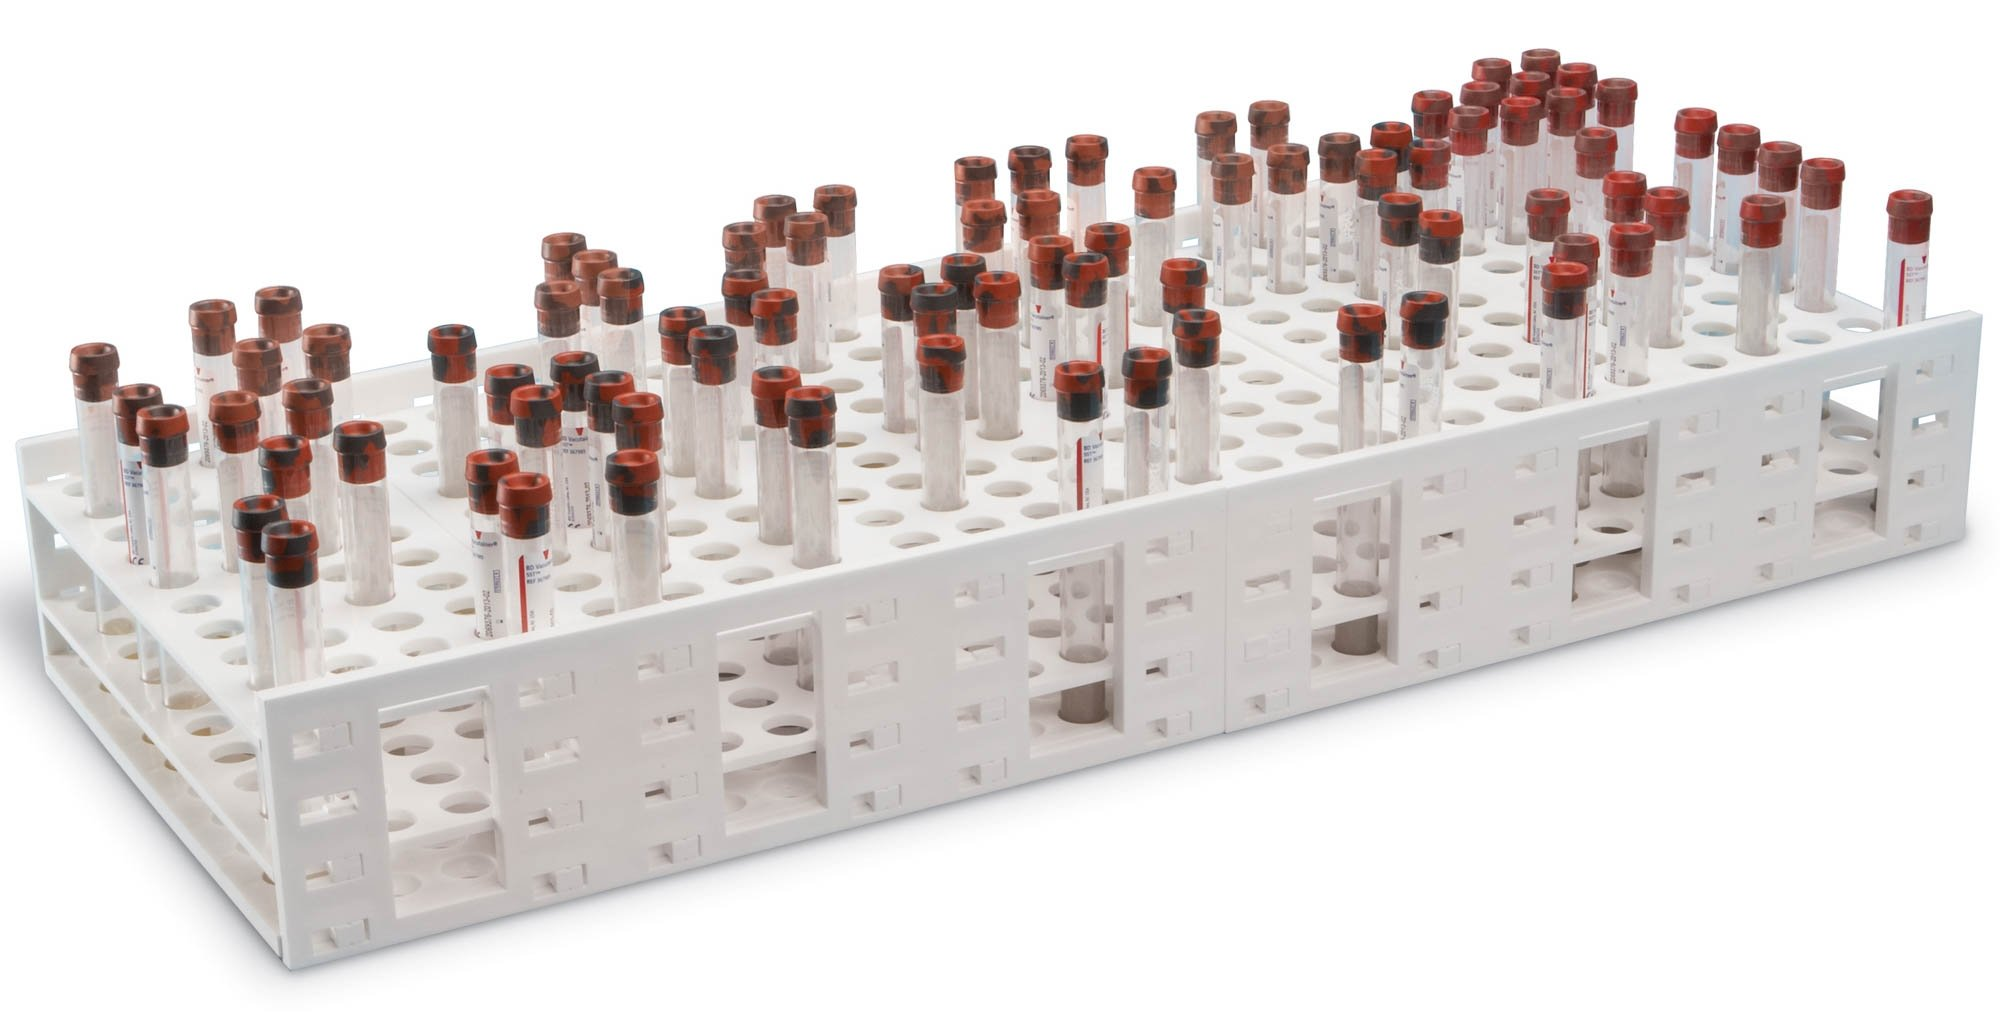 HS Double Mega Rack for 13-16mm Tubes - 240 Tubes Capacity - White